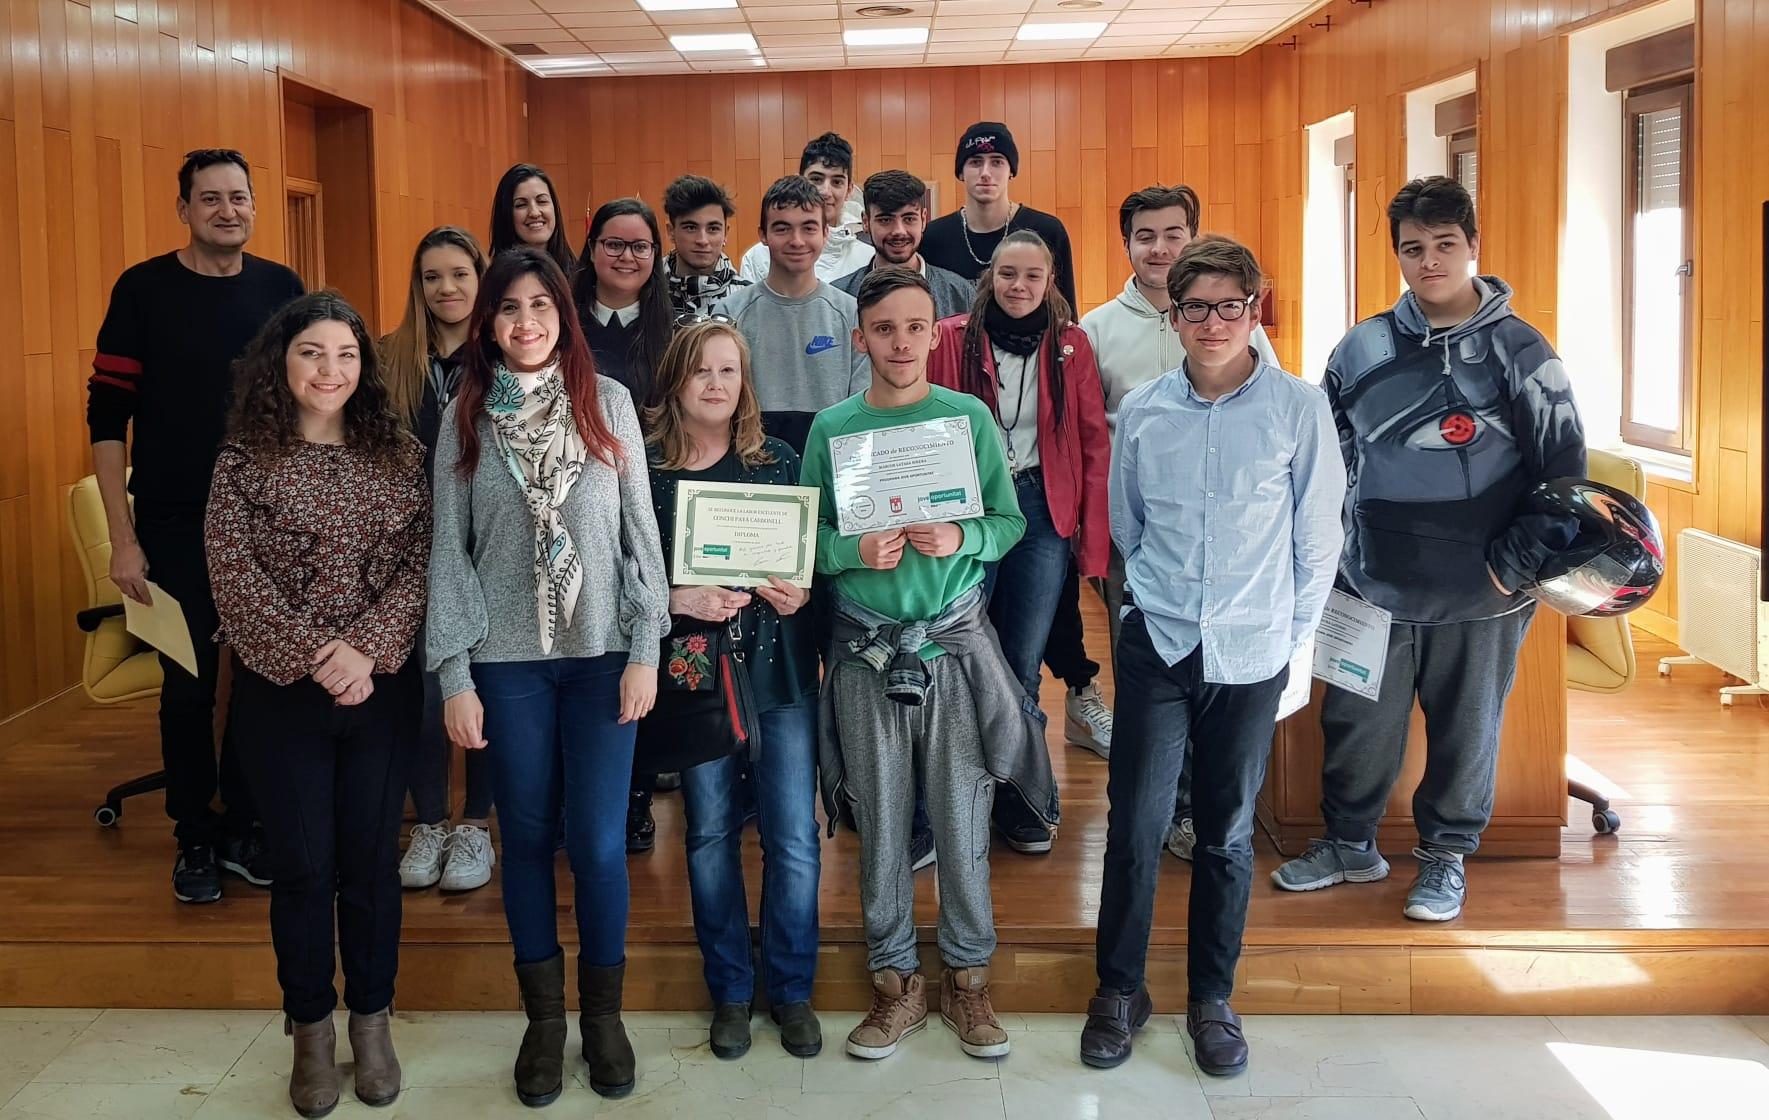 El Ayuntamiento de Elda entrega los certificados a los chicos y chicas que han completado el Programa JOOP